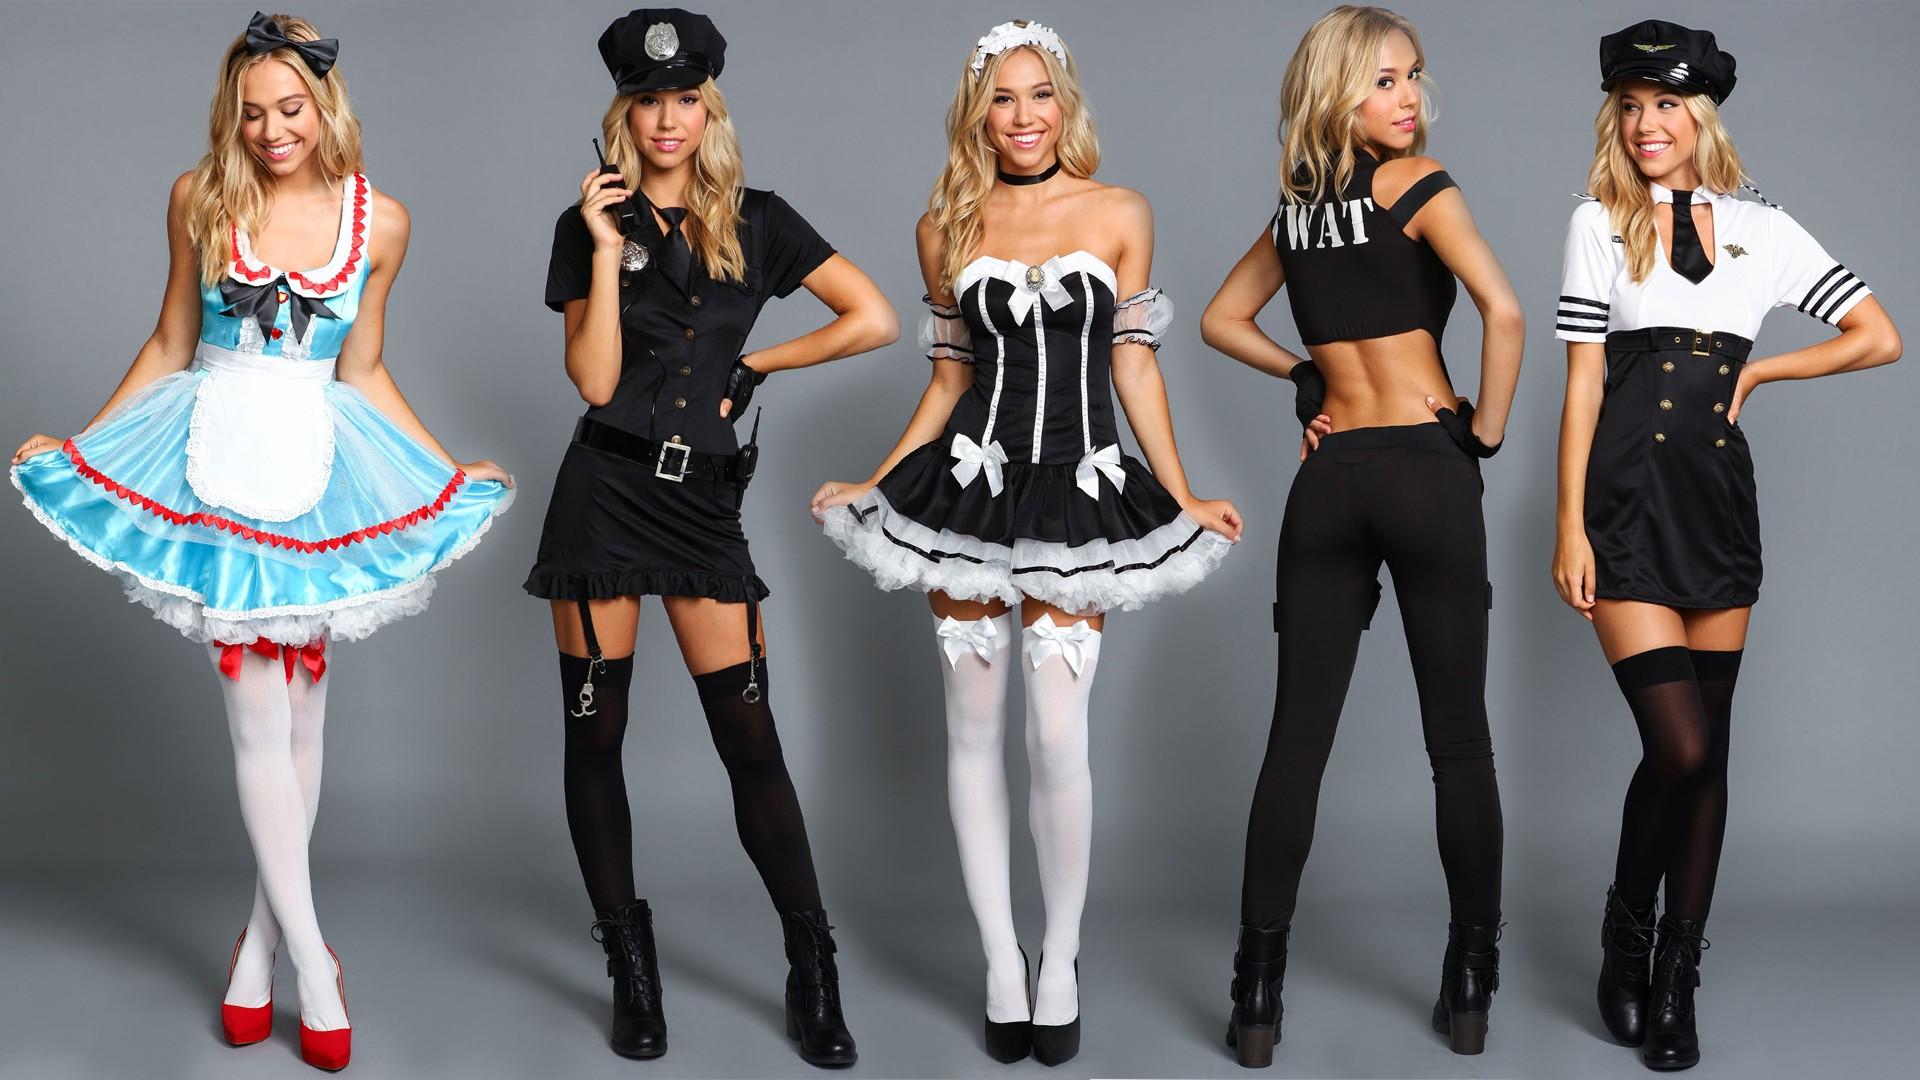 Knee High Socks Girl Wallpaper Wallpaper Police Women Cosplay Model Blonde Long